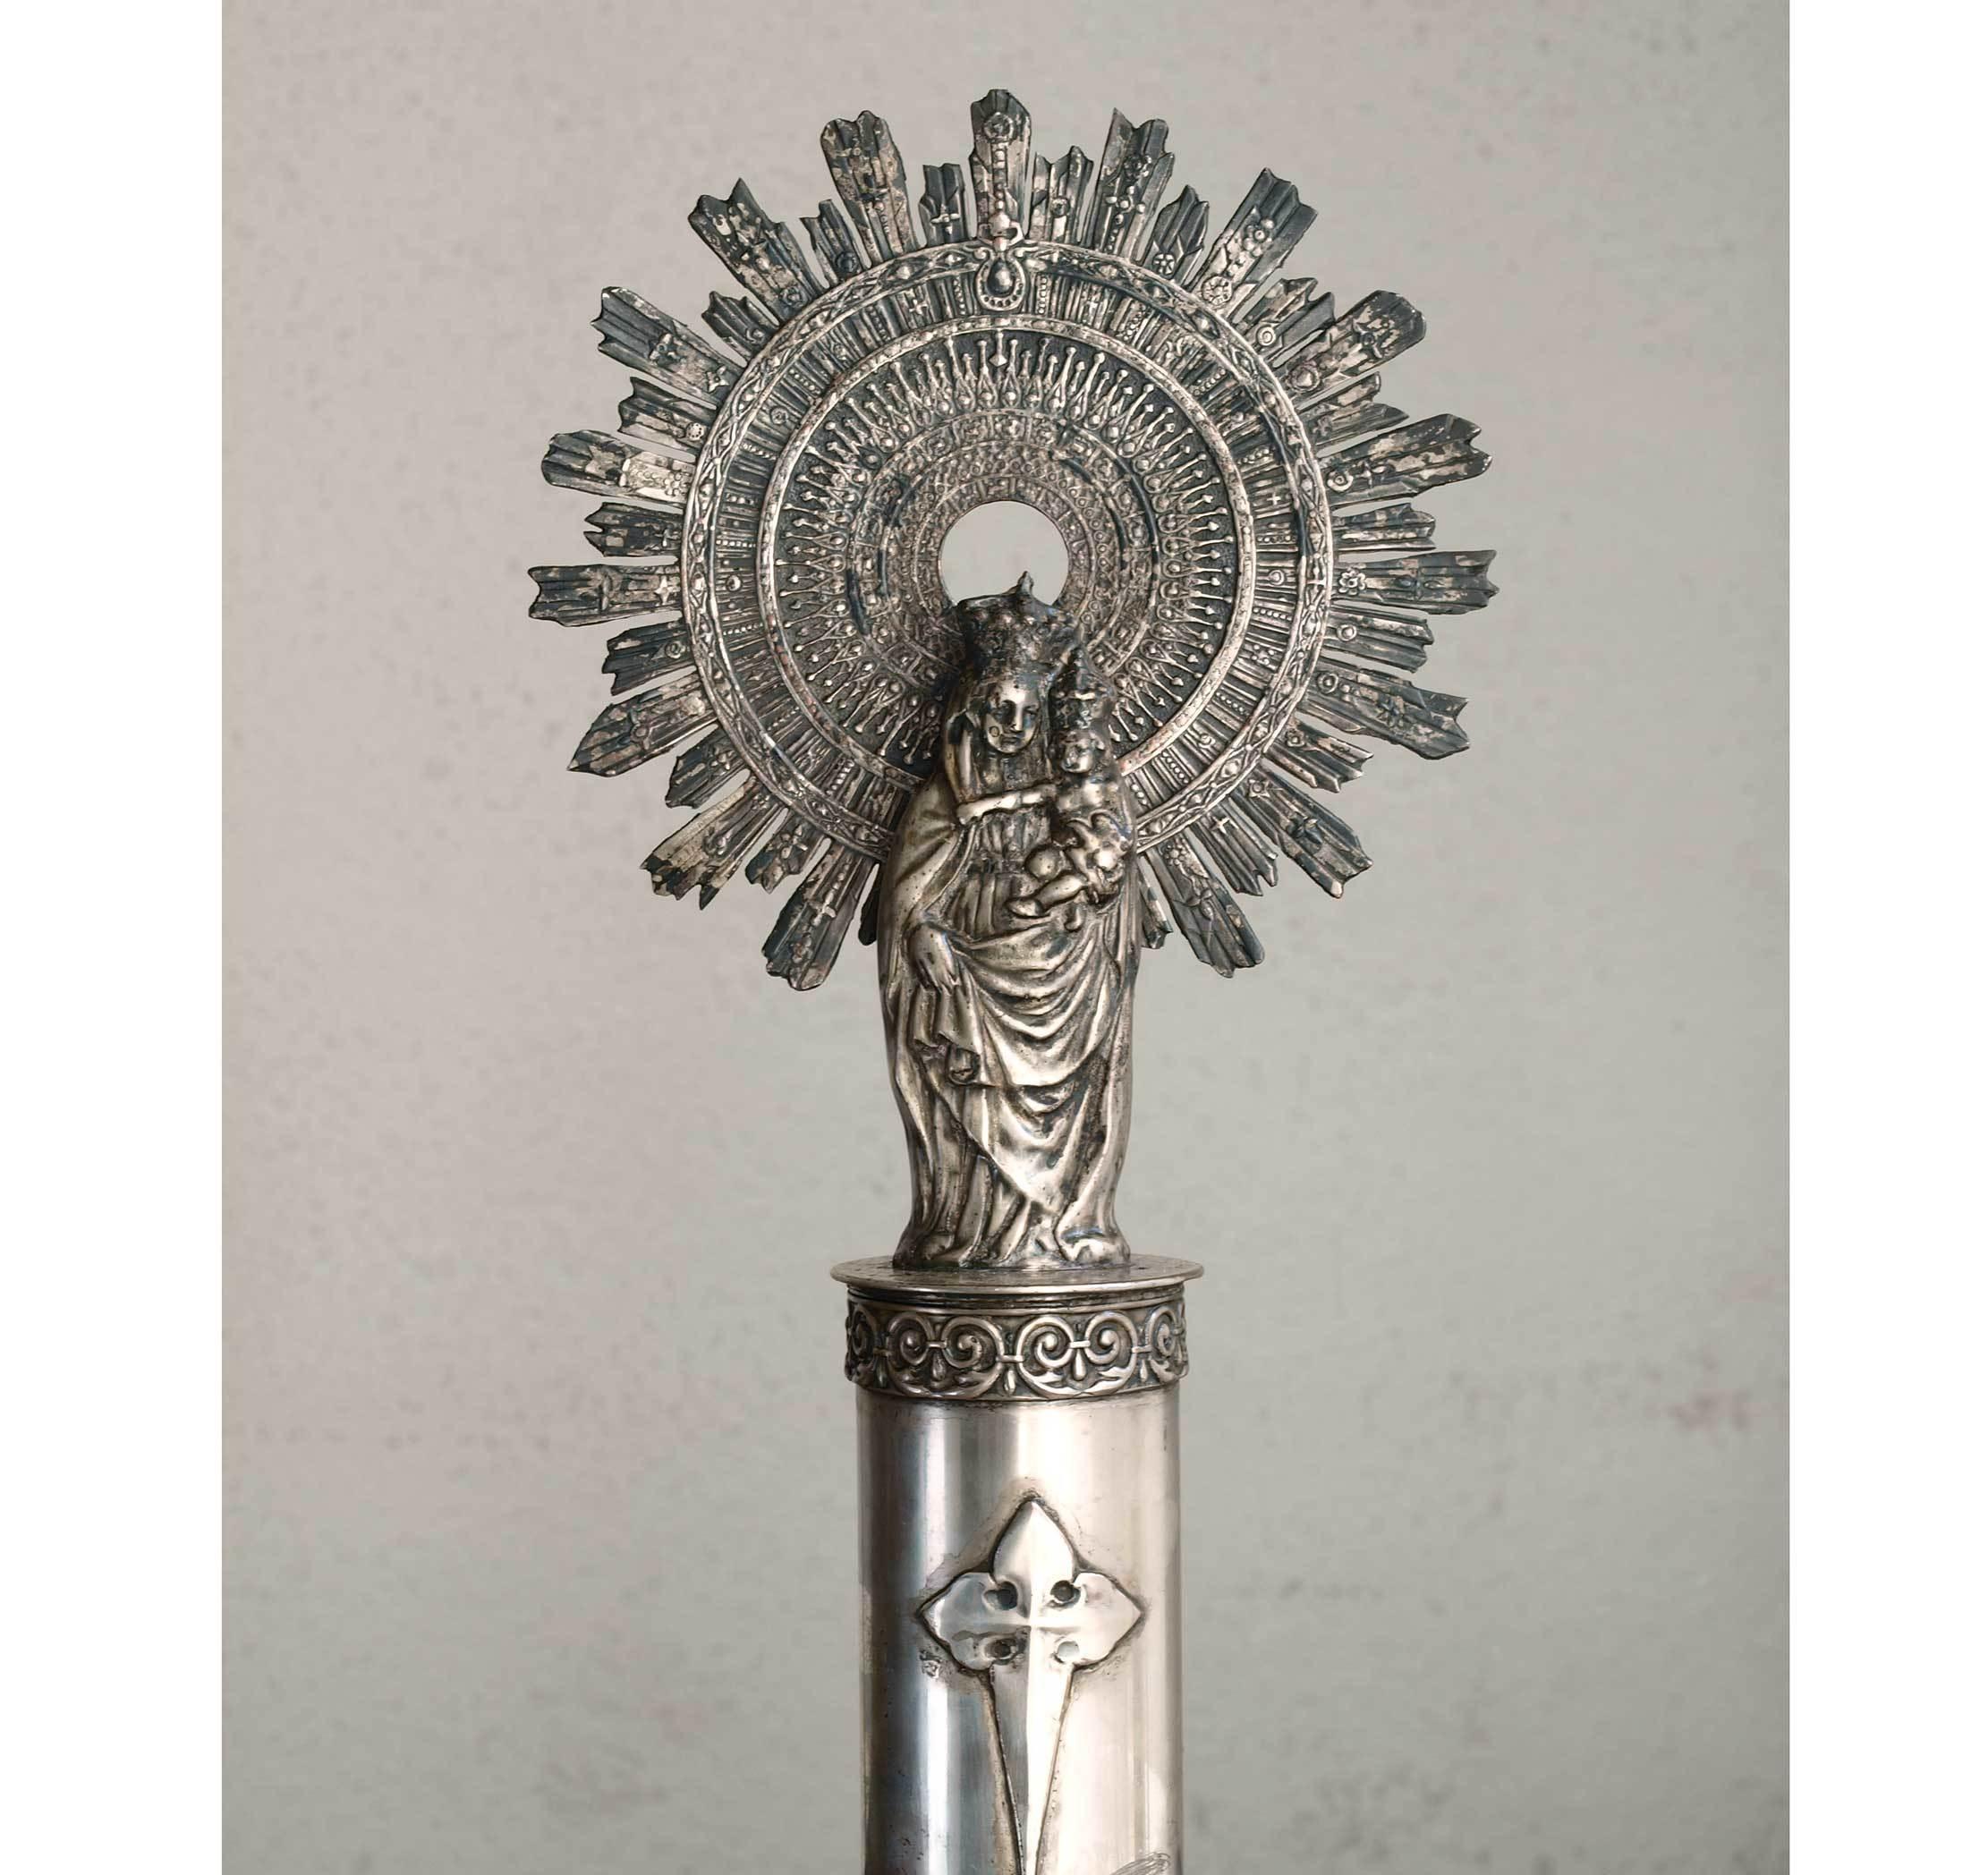 幼子イエスを抱くピラールの聖母マリア   / G901_e0324838_03154065.jpg